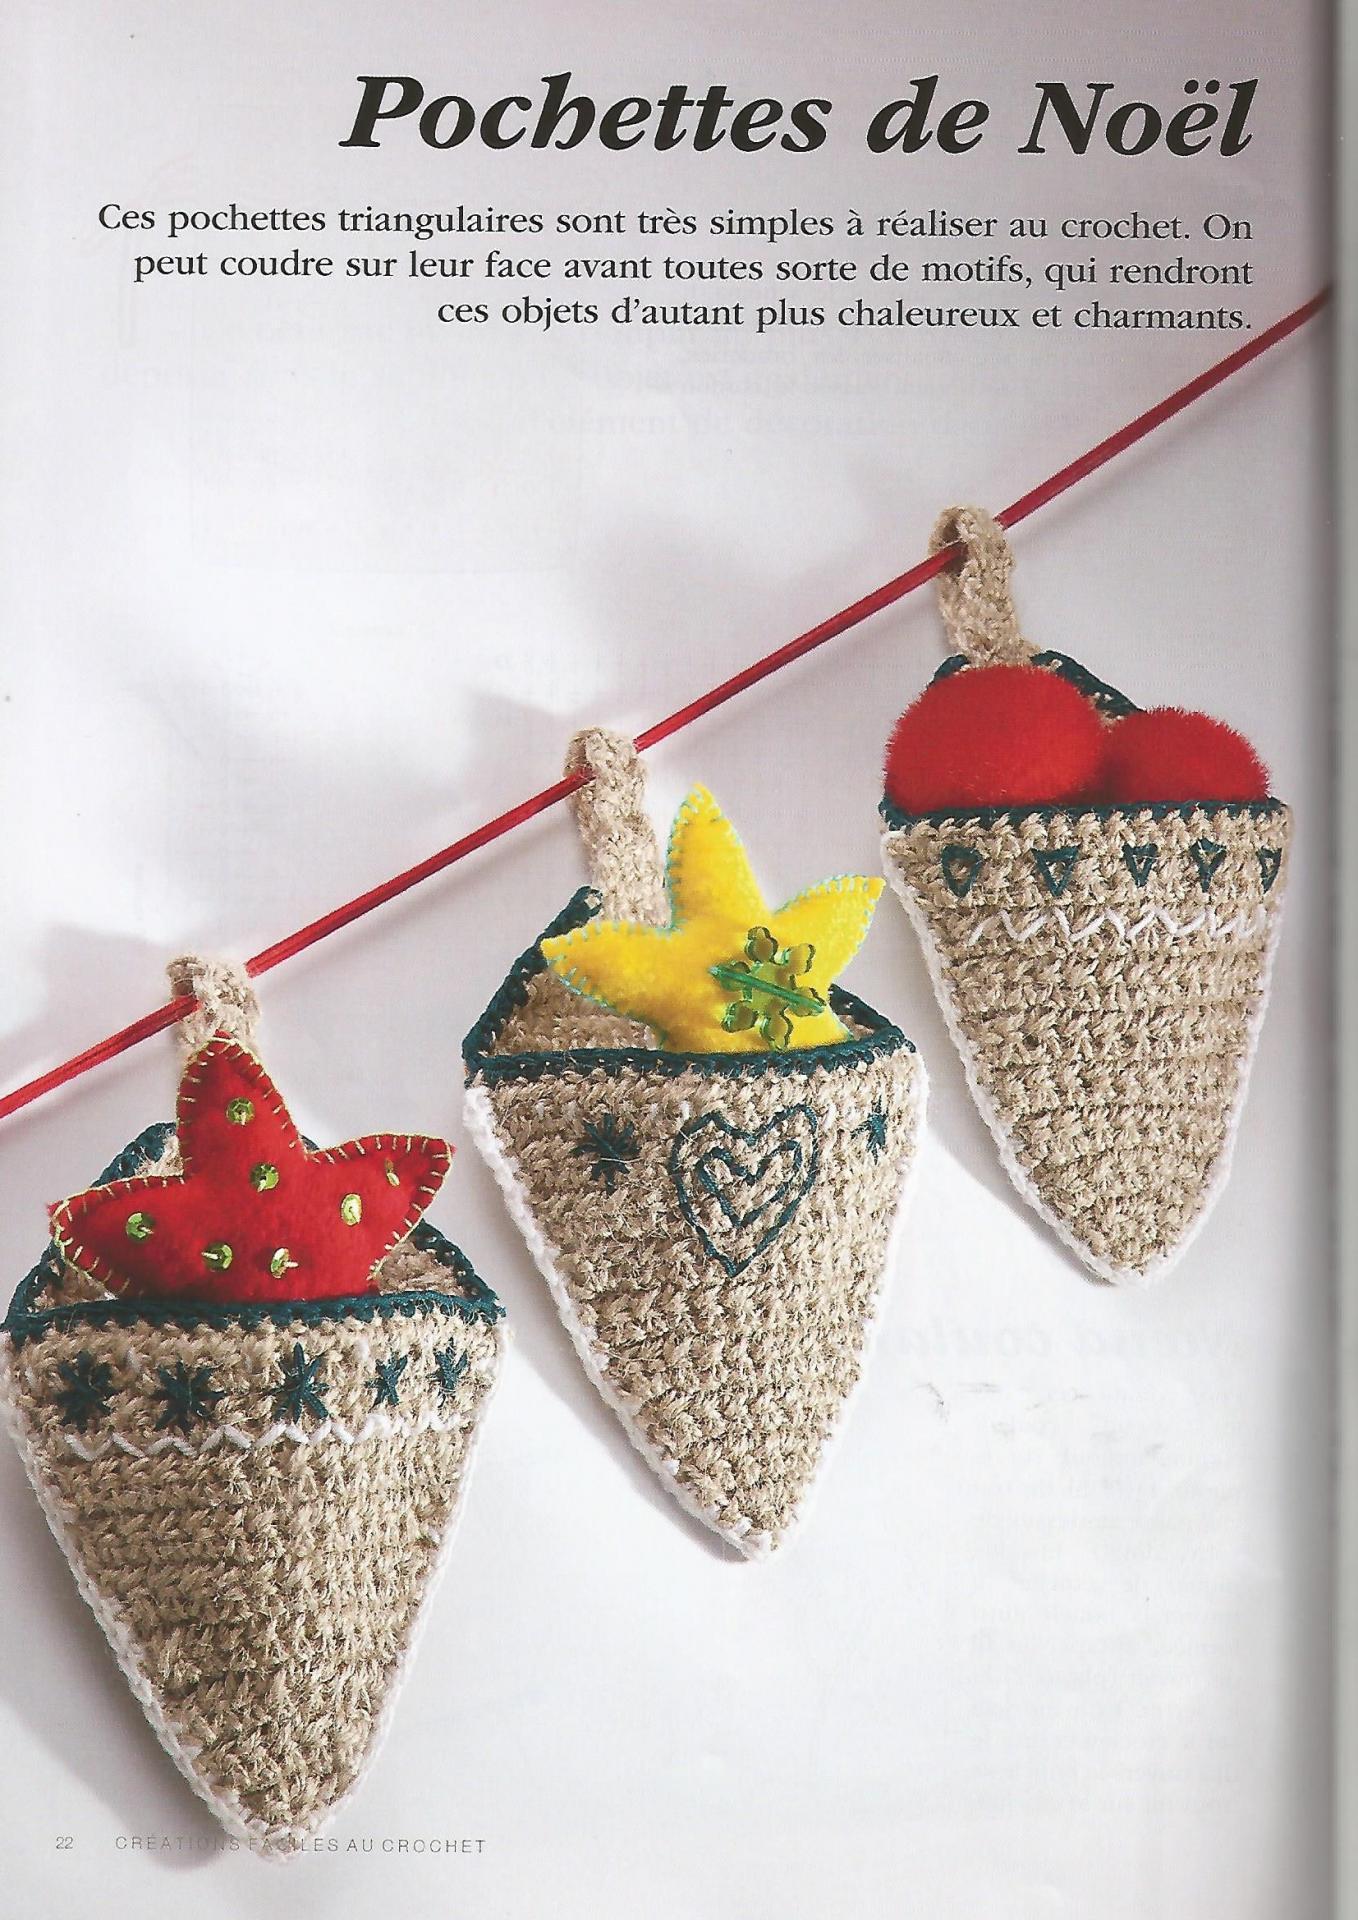 Site De Crochet : Site de crochet, tutos crochet, mod?les et grilles gratuites